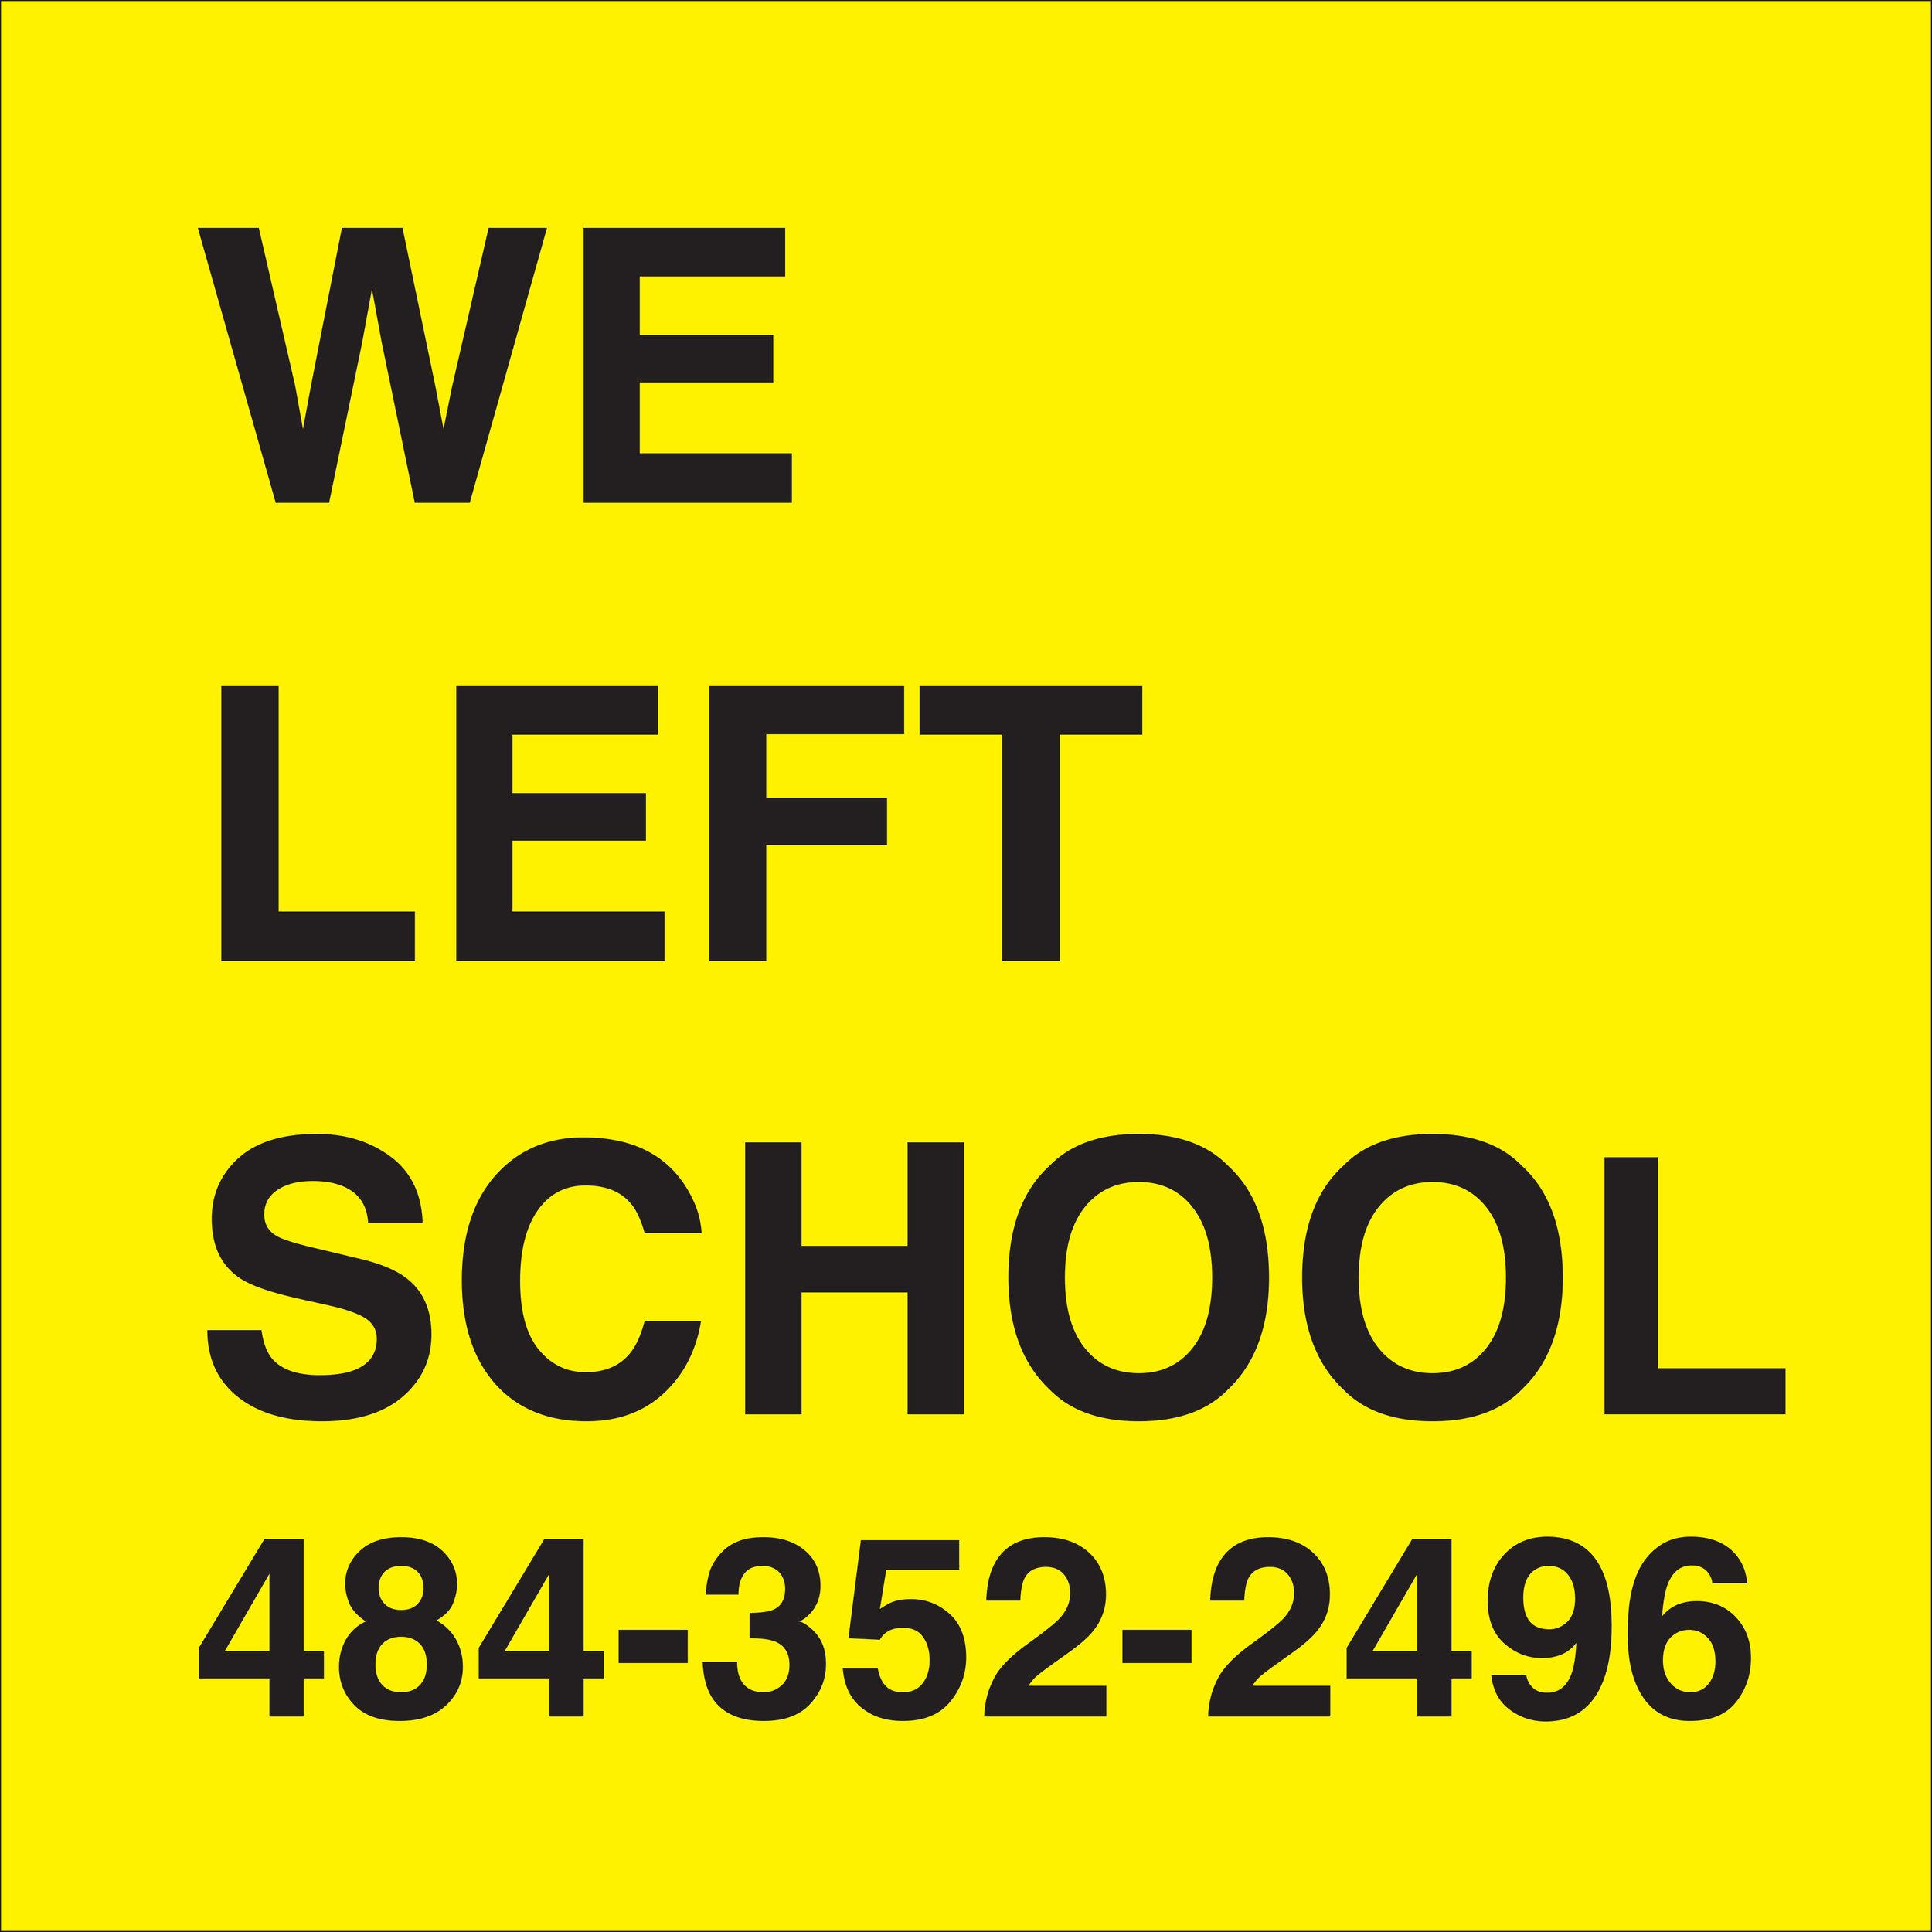 2. WE LEFT SCHOOL.jpg